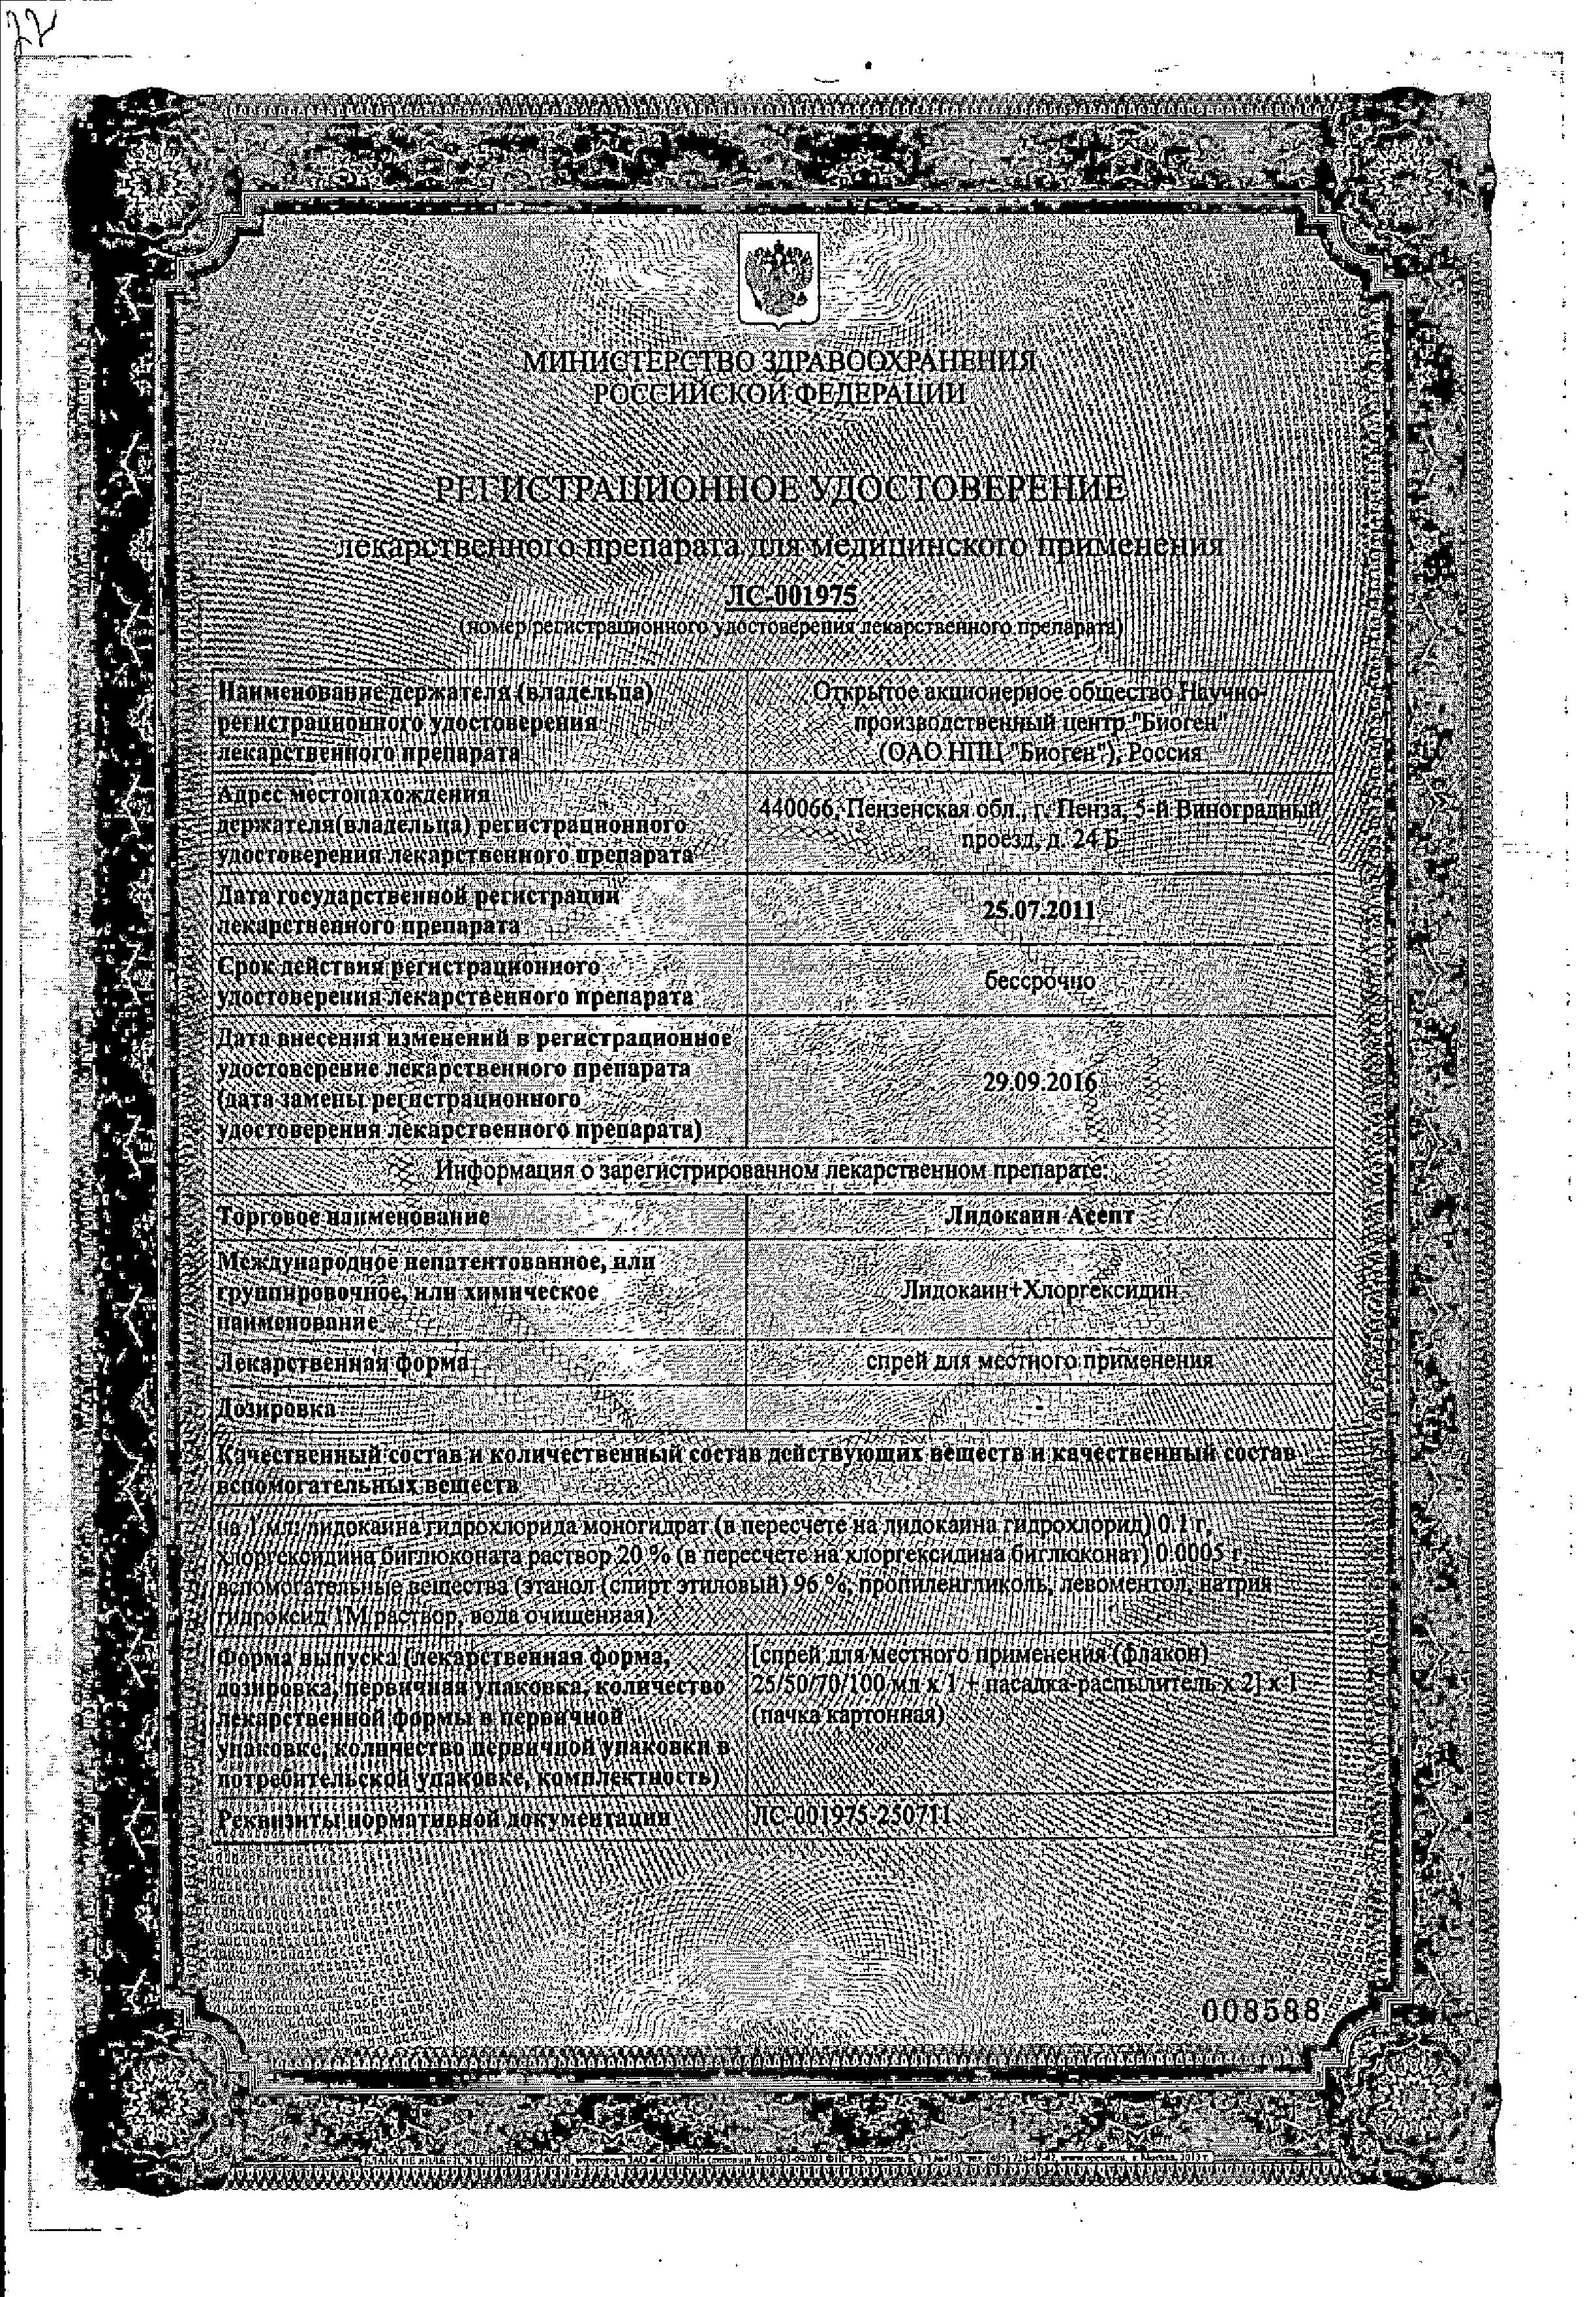 Лидокаин Асепт (спрей) сертификат